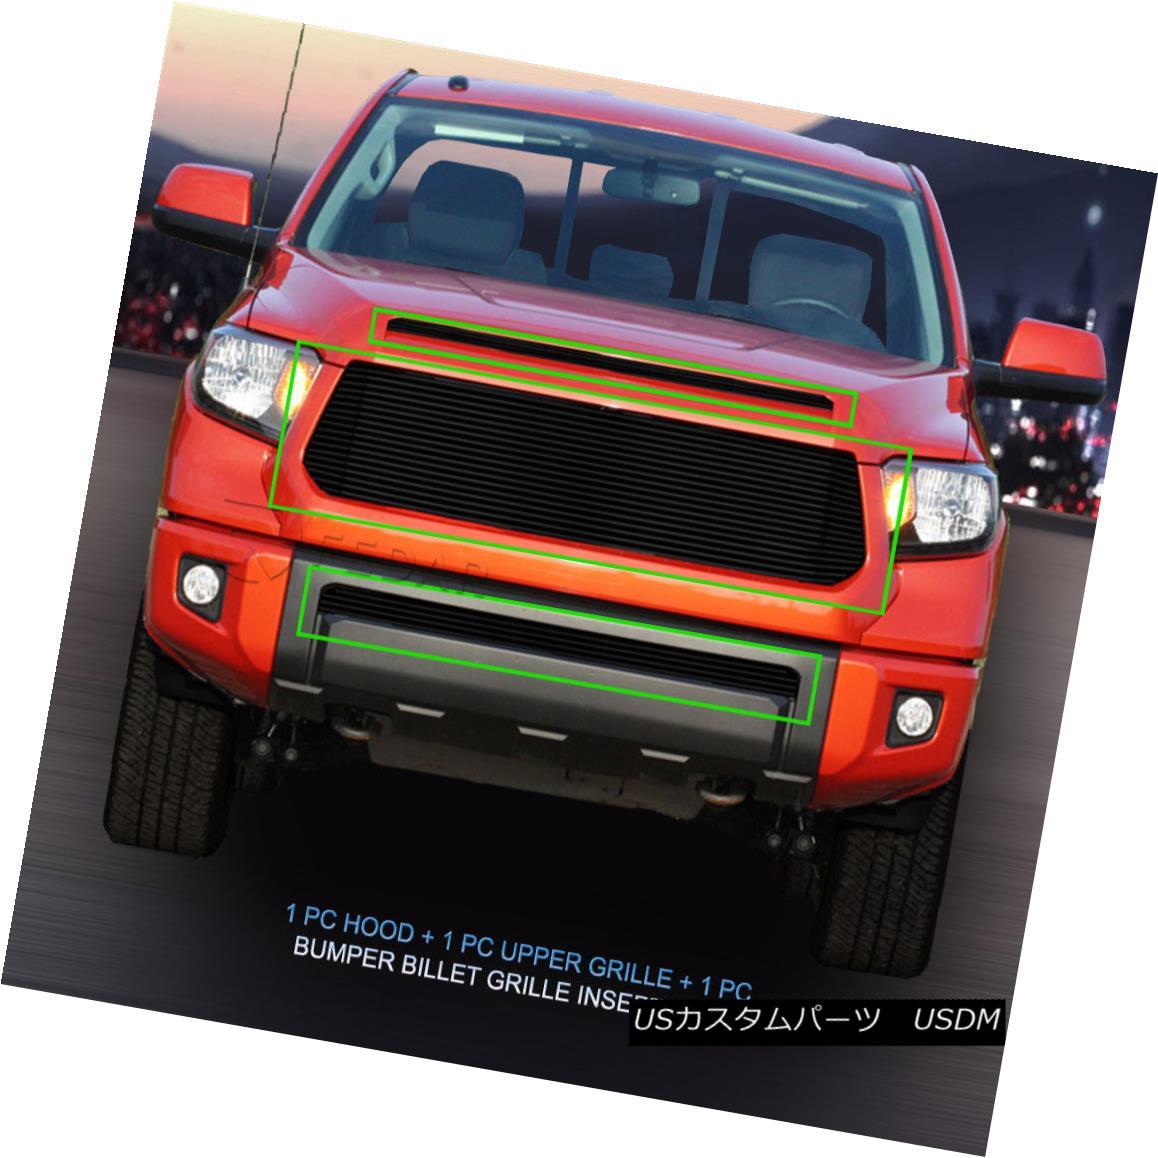 グリル 2014-2016 Toyota Tundra Black Billet Grille Grill Combo Insert 3 Pcs Fedar 2014-2016トヨタトンドラブラックビレットグリルグリルコンボインサート3個入りFedar